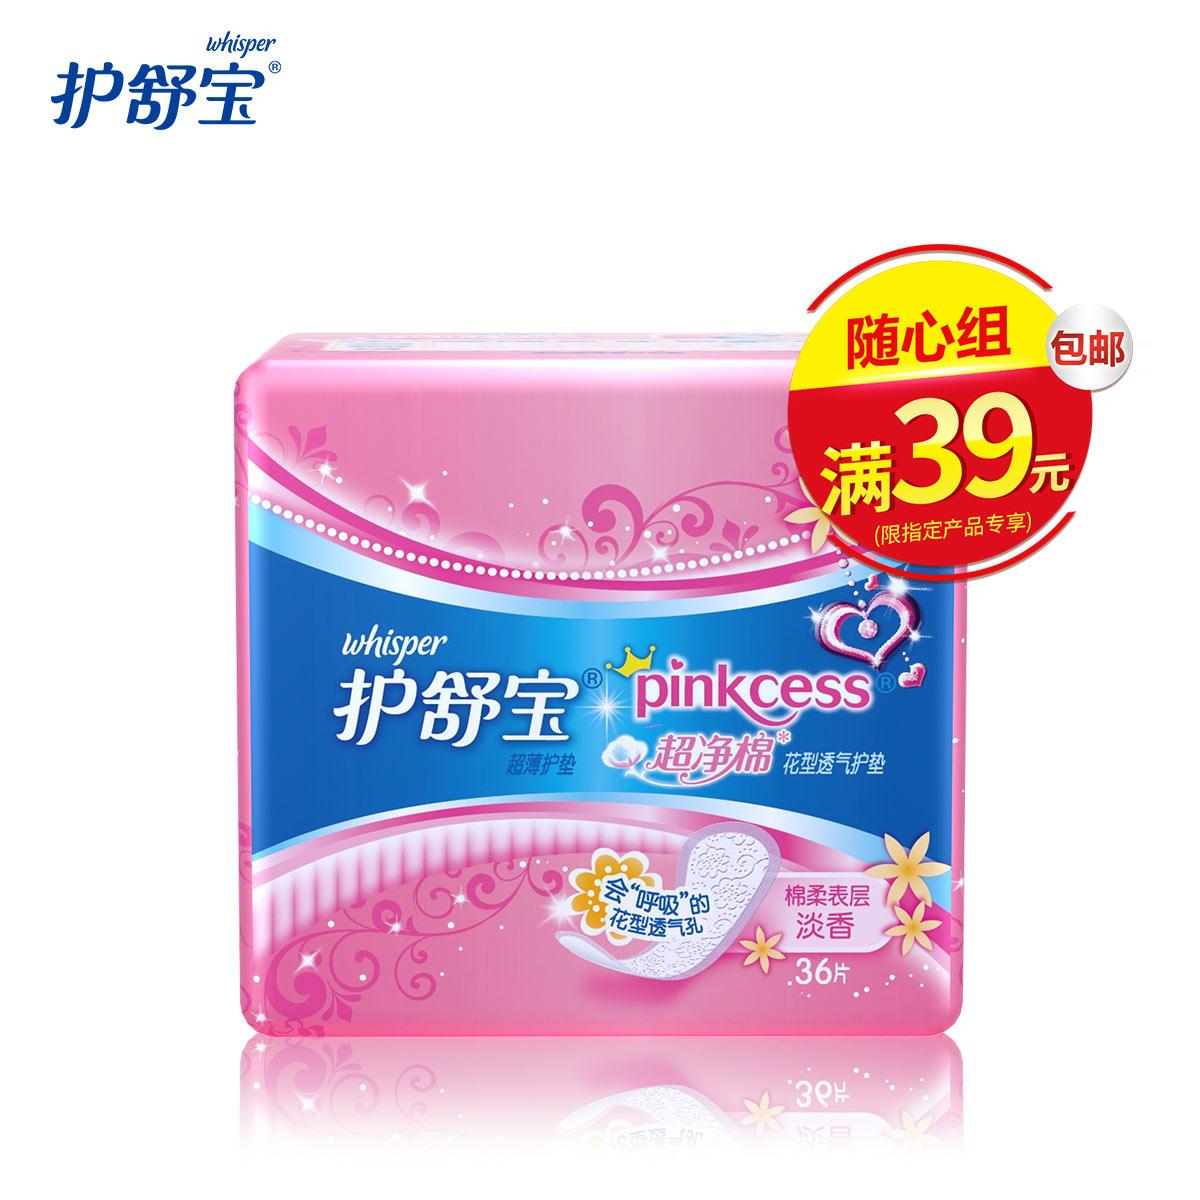 【随心组】护舒宝pinkcess超净棉花型透气装卫生护垫淡香36片纯棉